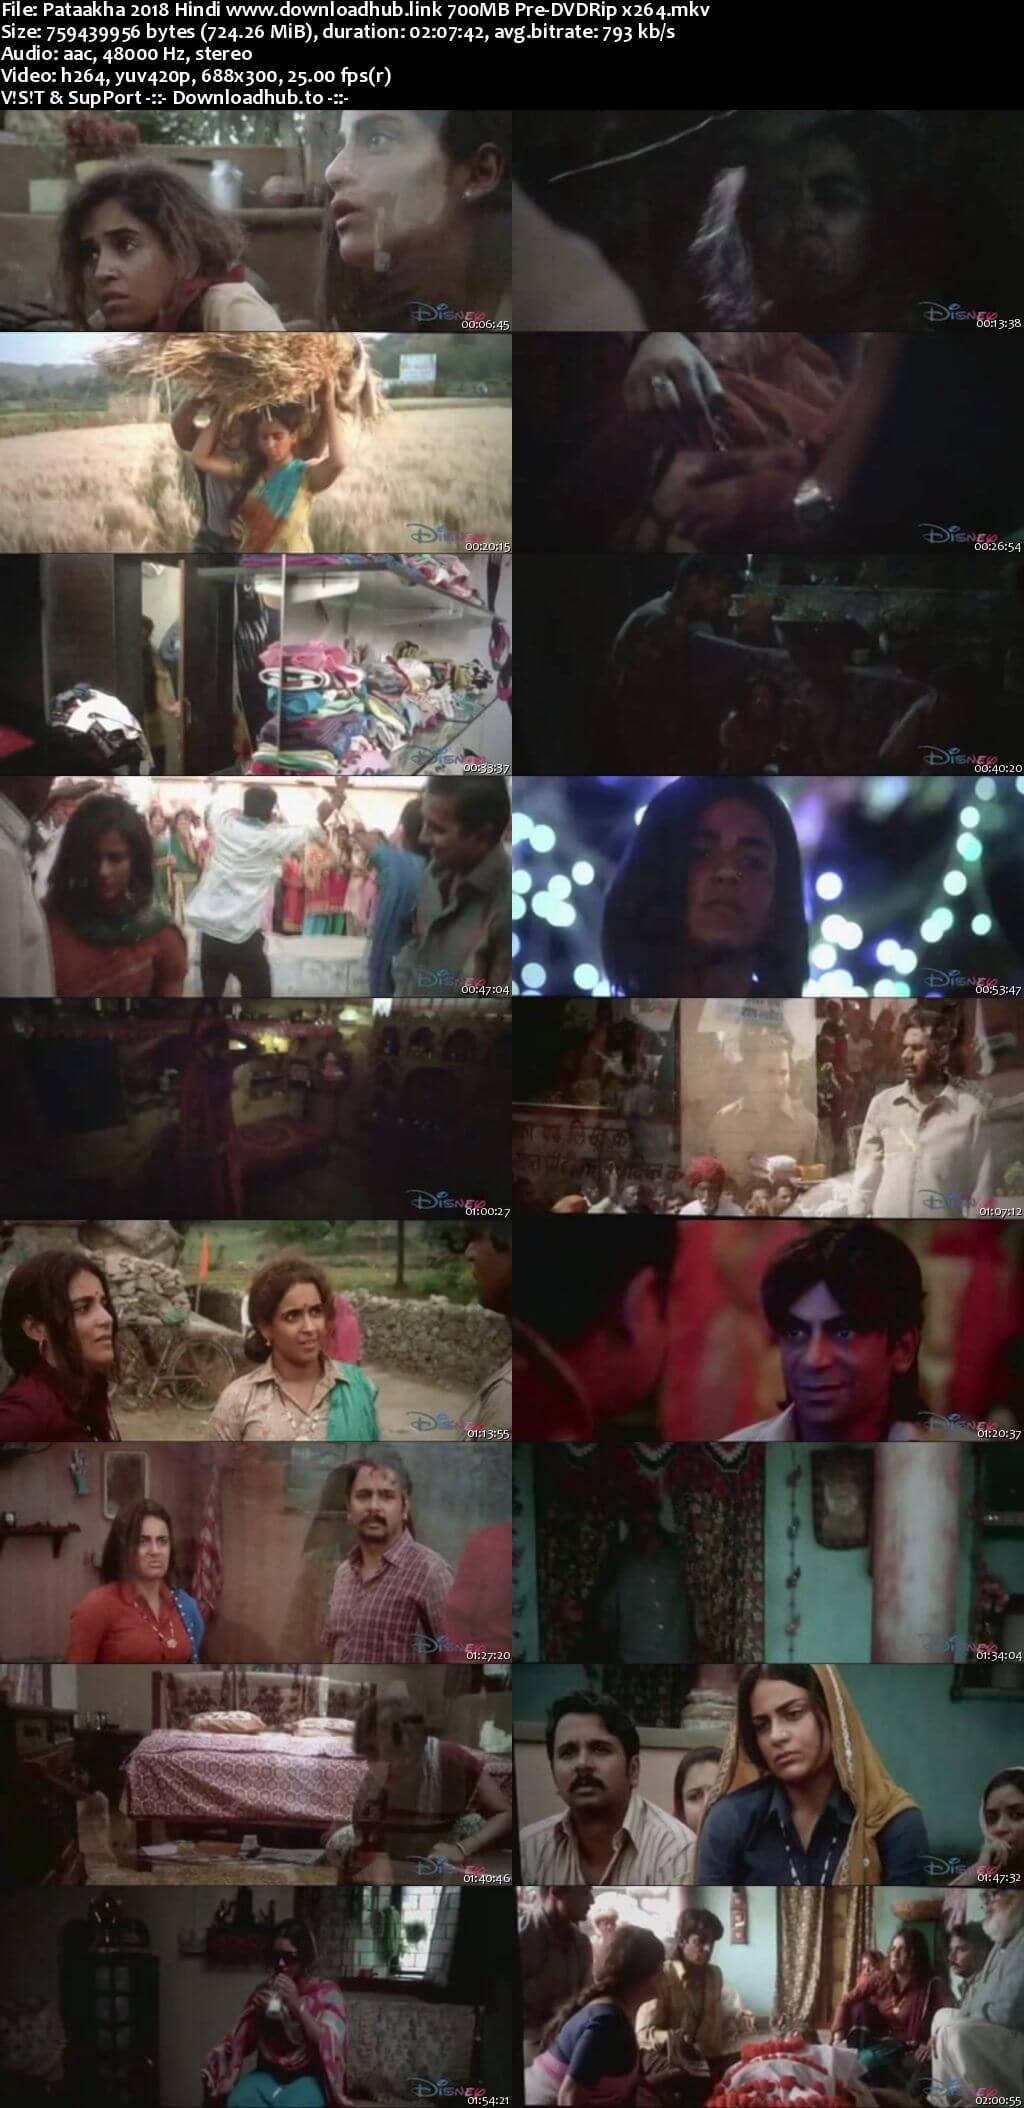 Pataakha 2018 Hindi 700MB Pre-DVDRip x264